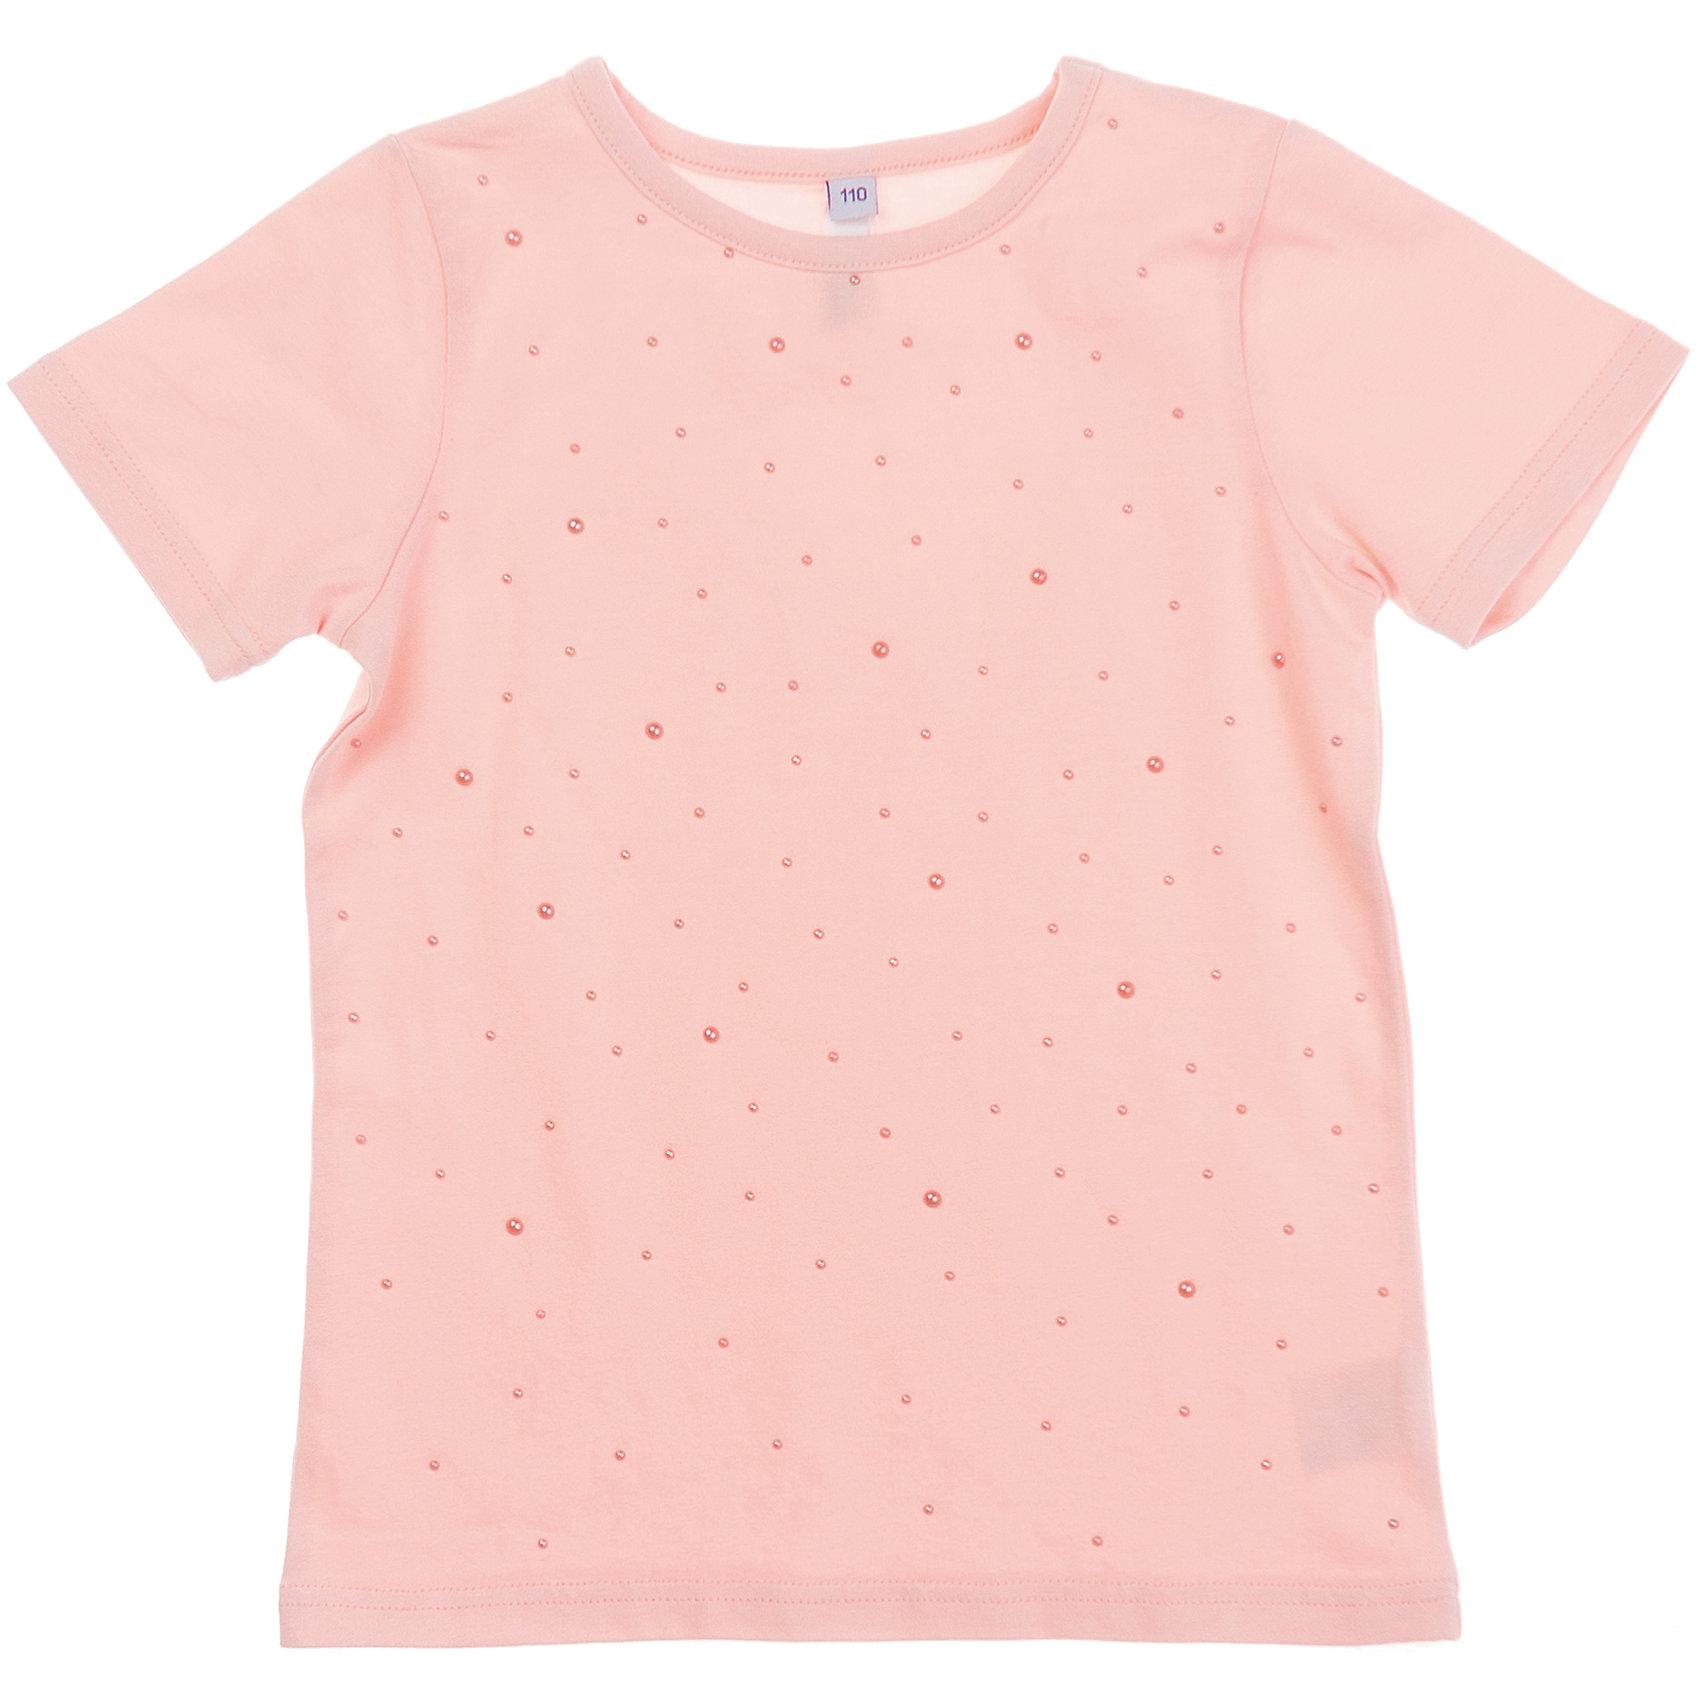 Футболка для девочки PlayTodayНежная футболка клубнично-йогуртового цвета. Украшена пертлумутровыми бусинками. Состав: 95% хлопок, 5% эластан<br><br>Ширина мм: 199<br>Глубина мм: 10<br>Высота мм: 161<br>Вес г: 151<br>Цвет: розовый<br>Возраст от месяцев: 36<br>Возраст до месяцев: 48<br>Пол: Женский<br>Возраст: Детский<br>Размер: 104,110,98,128,122,116<br>SKU: 4652637